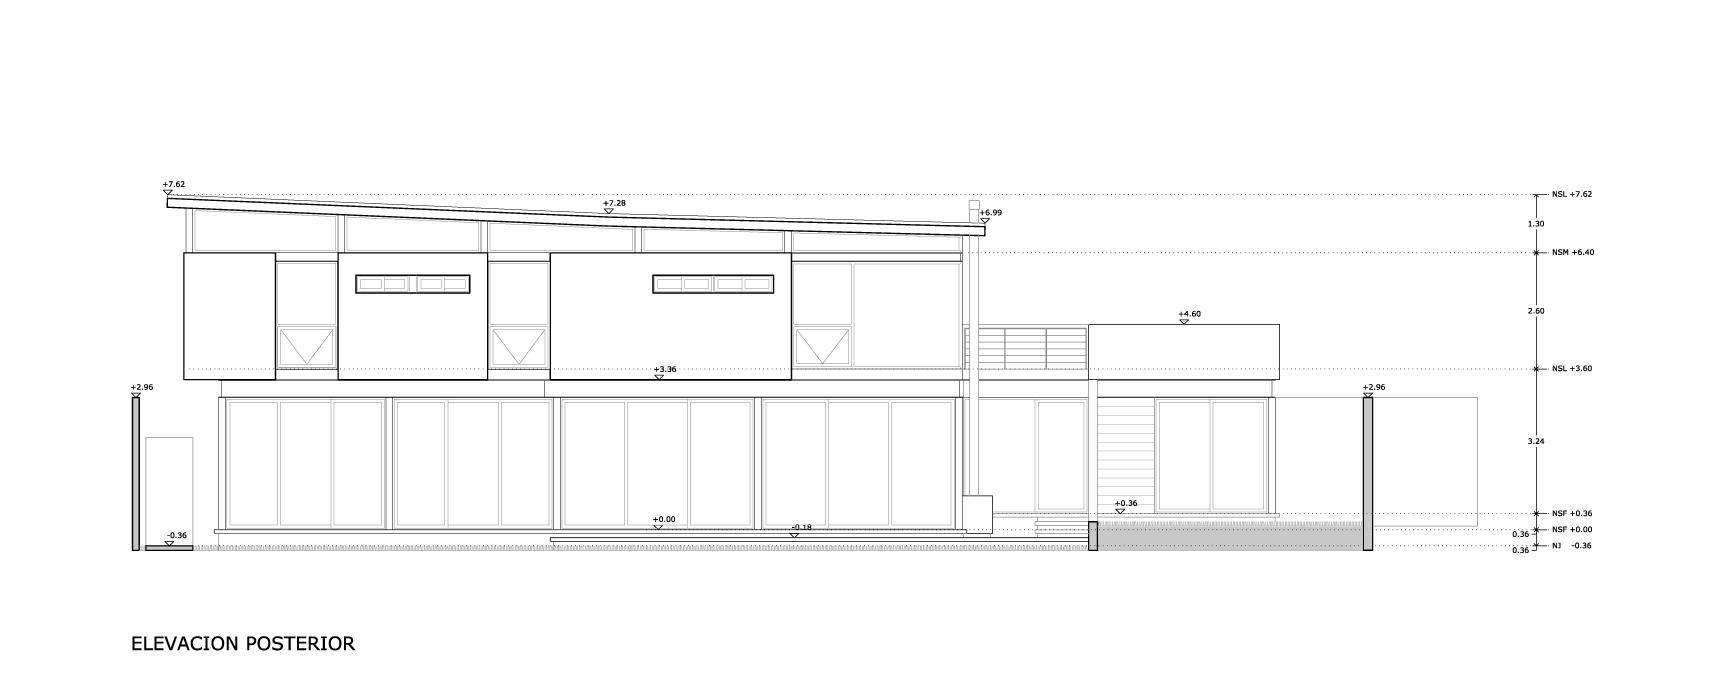 Planos de Elevación trasera de Bambara Street de Shaun Lockyer Architects